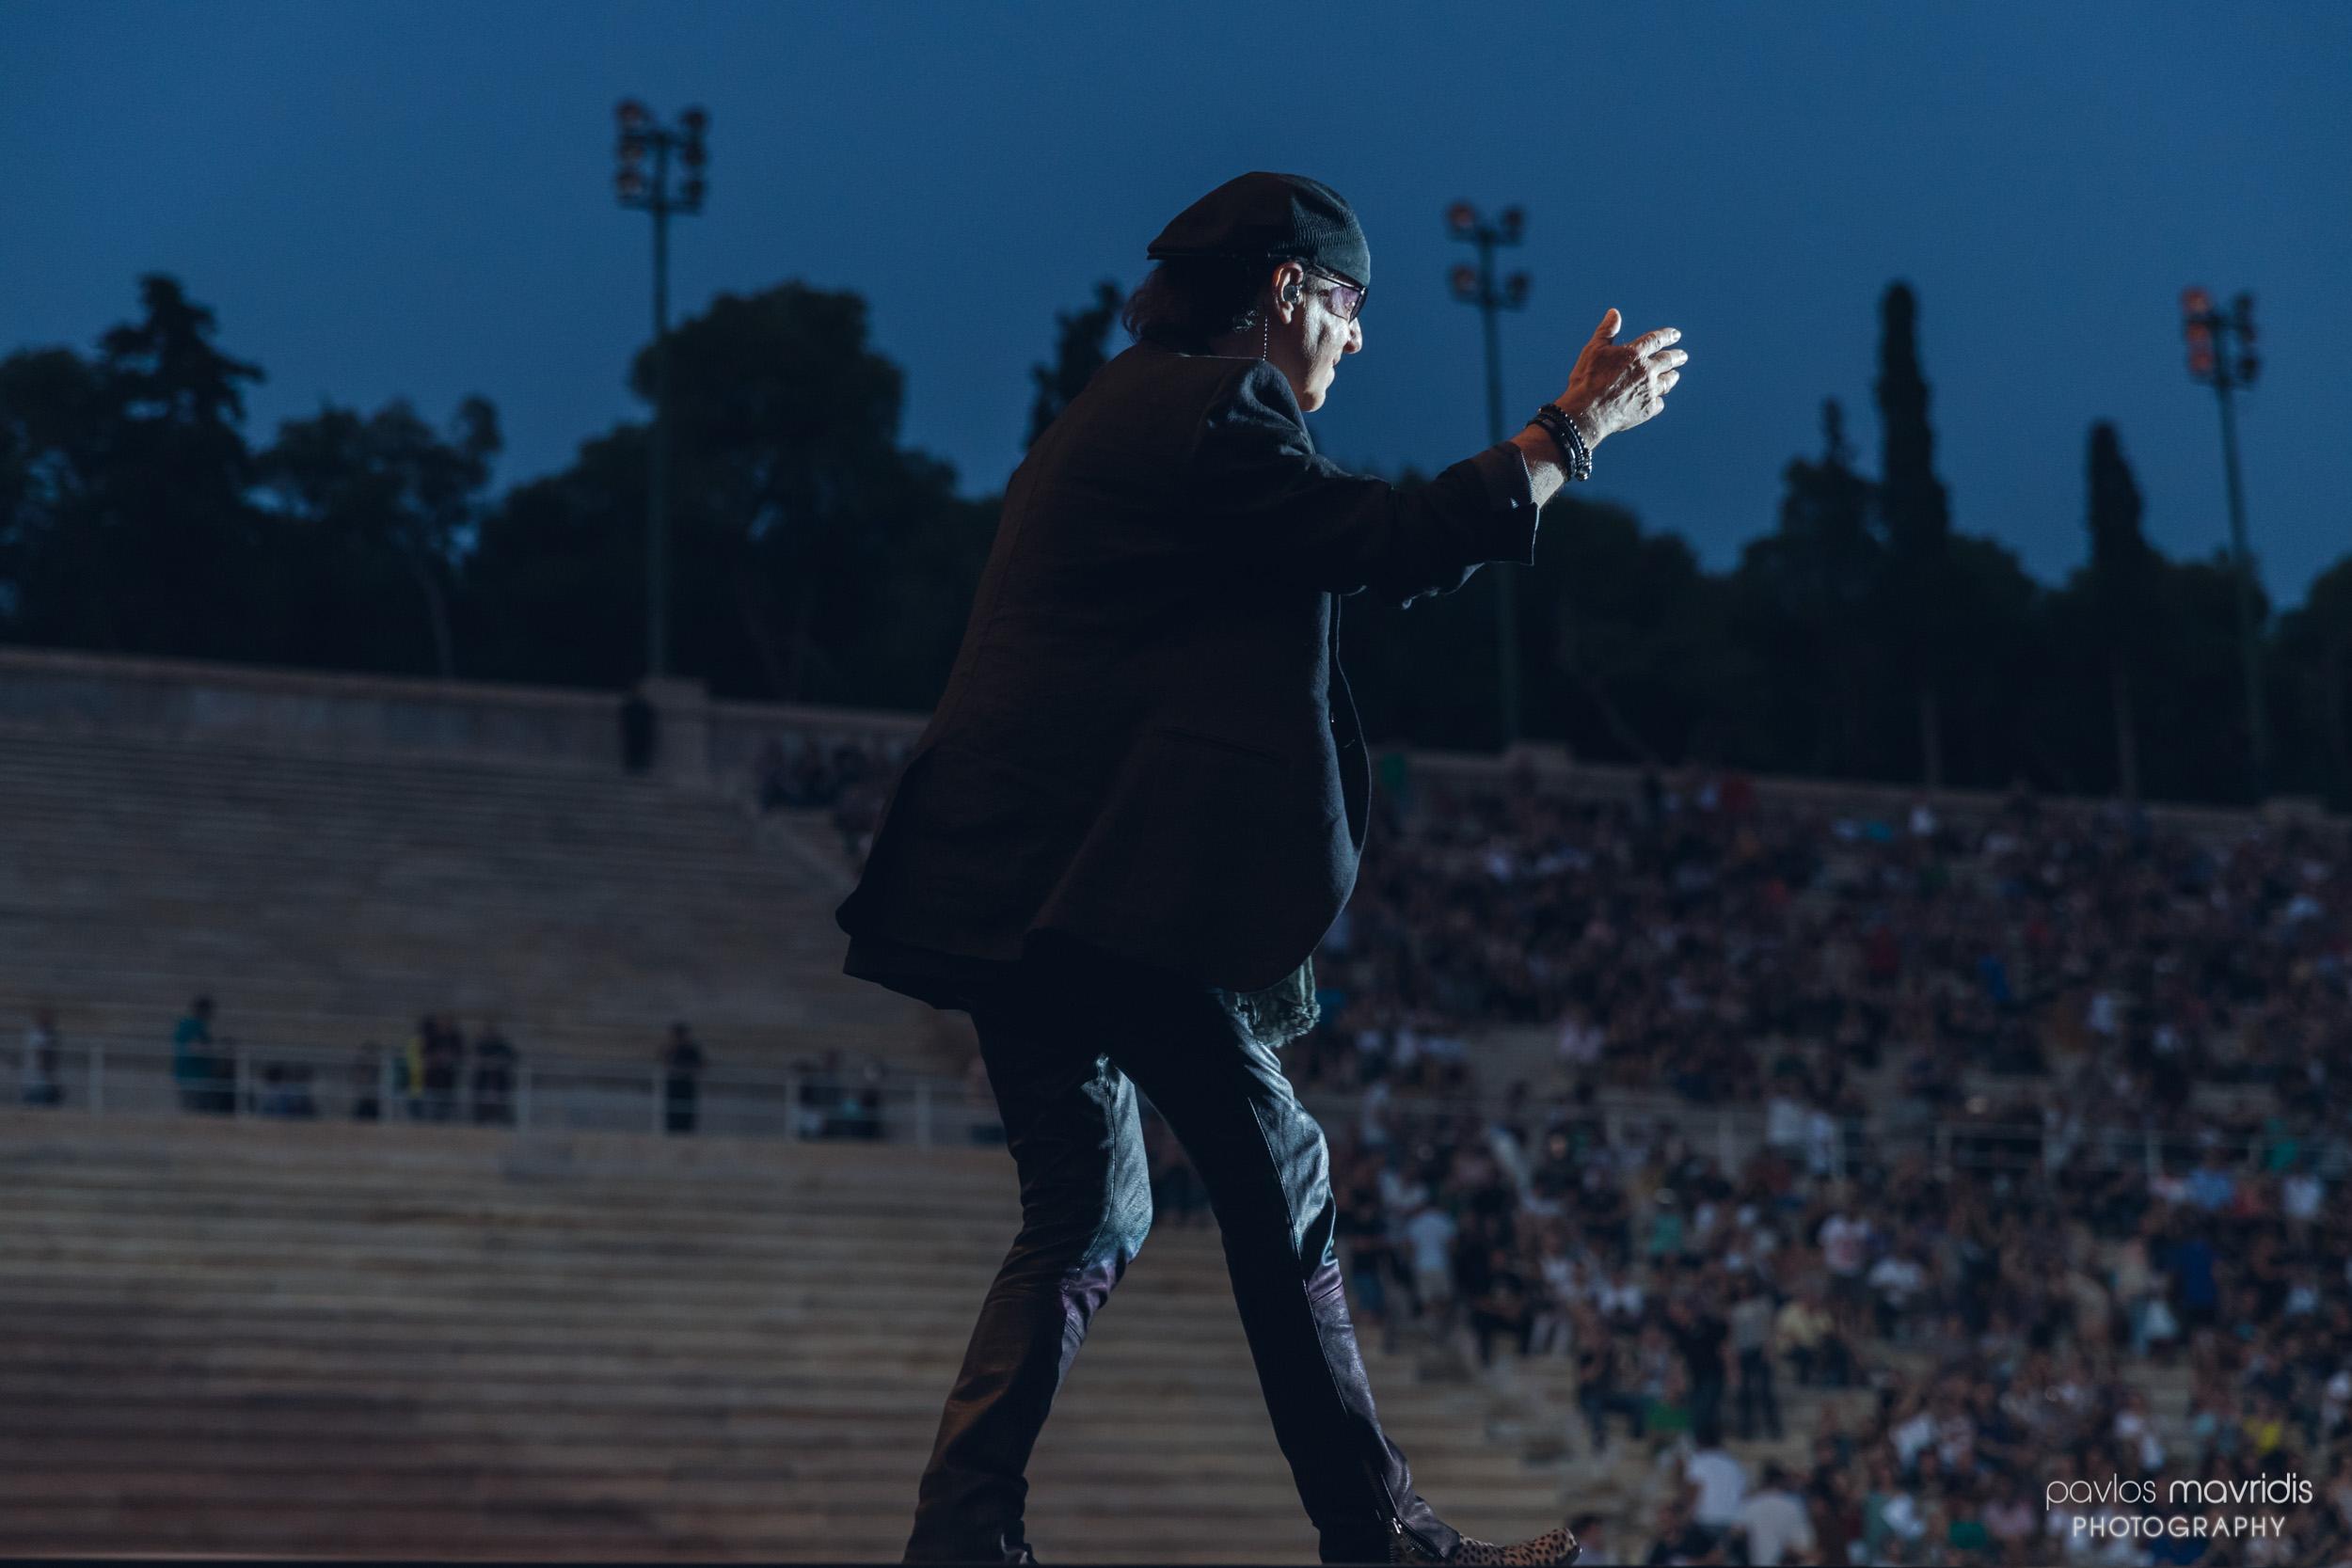 Scorpions_Panathenaic Stadium_02_hires.jpg